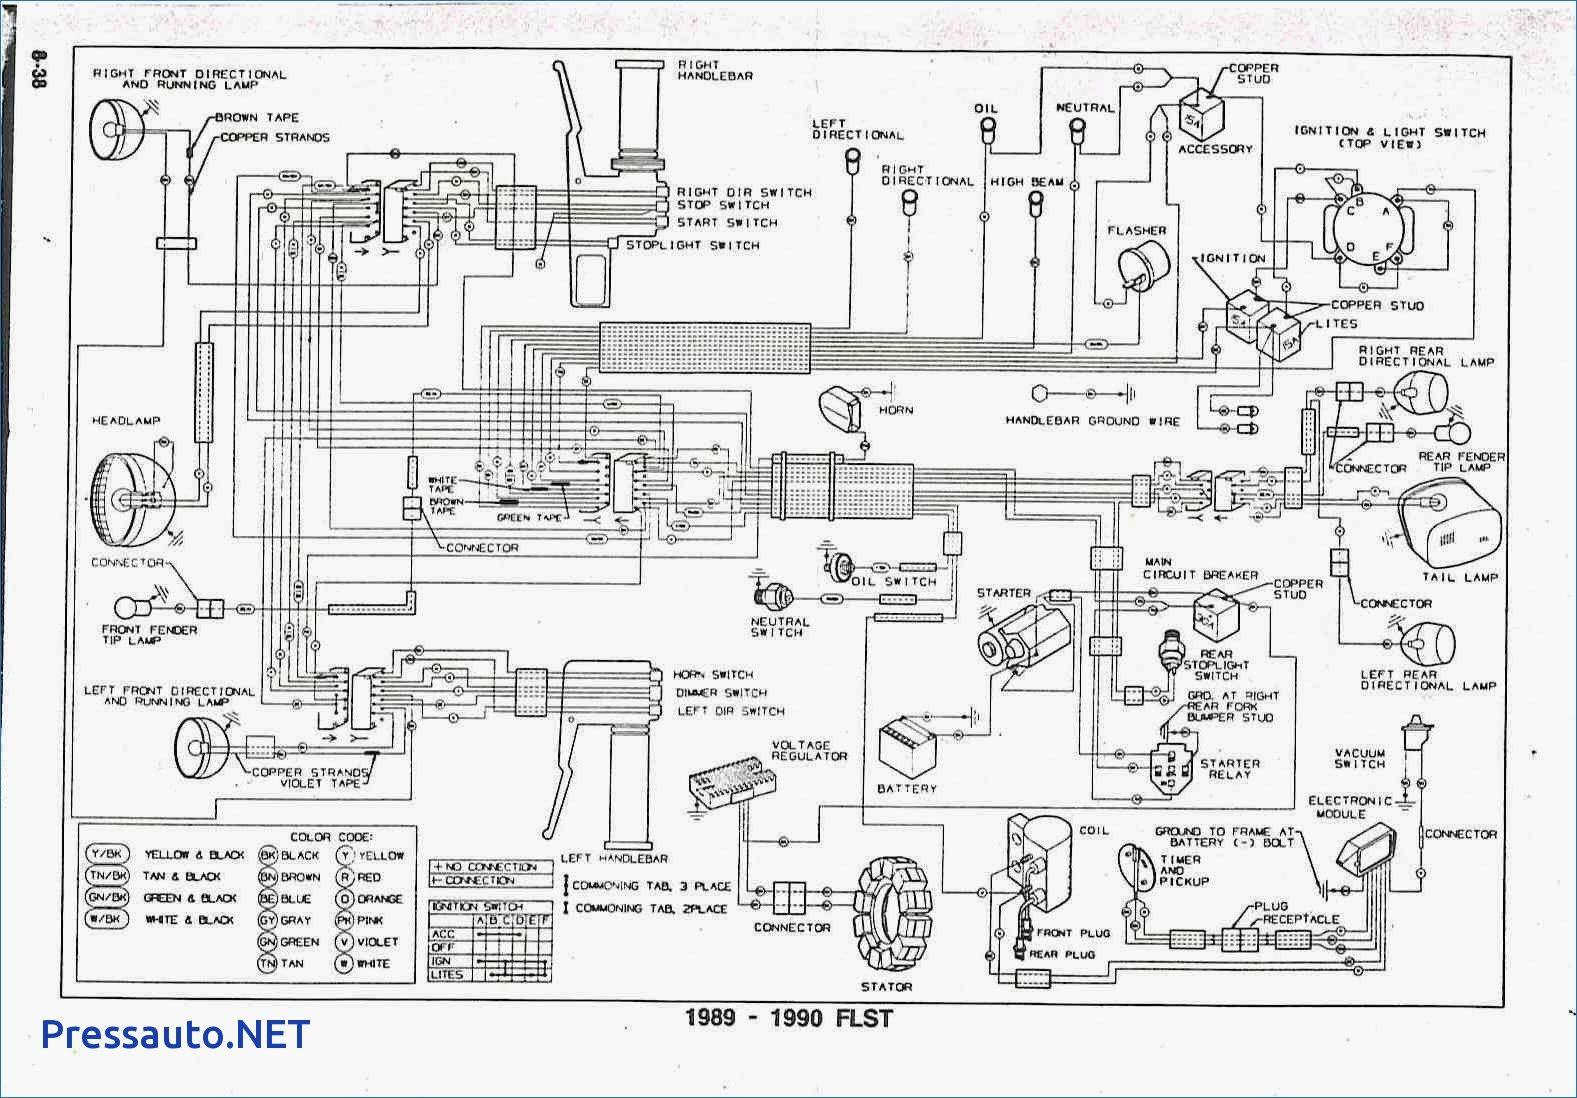 Wiring Diagram Harley Davidson Download Free Printable Of